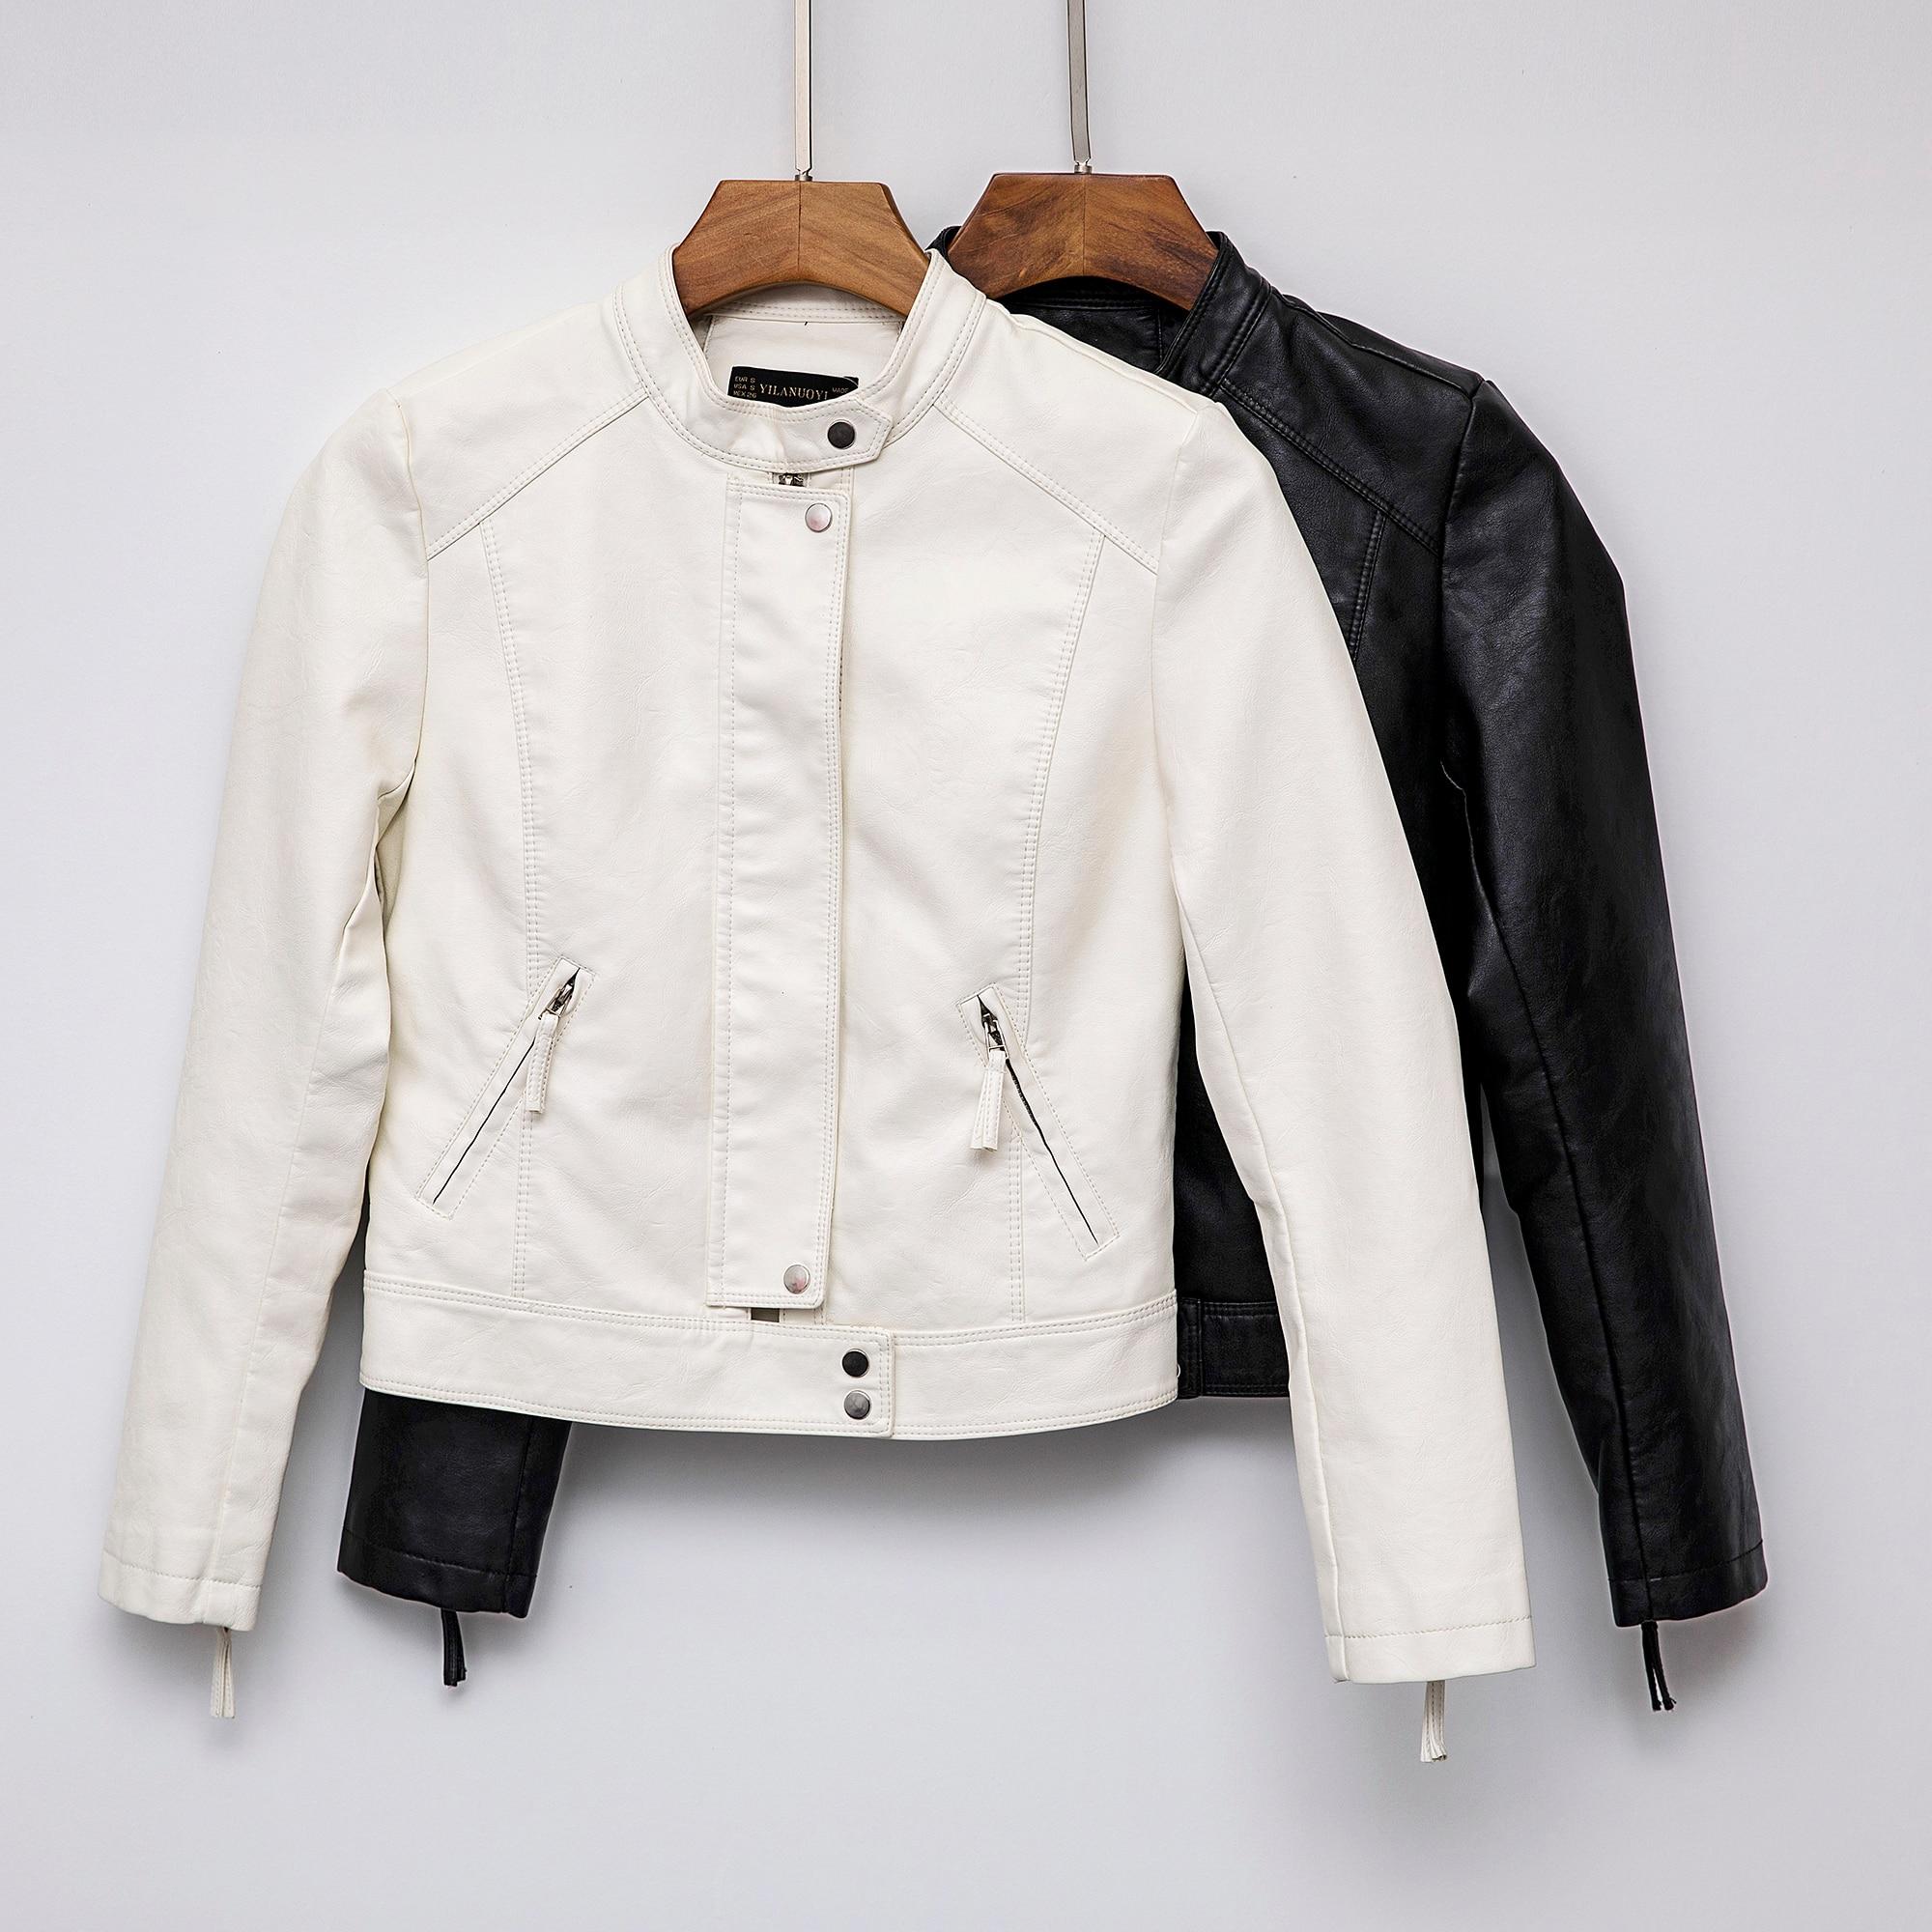 2019 New Fashion Women Casual Autumn Winter Faux   Leather   Jackets Office Lady Long Sleeve PU Black Beige Biker Outerwear Coats